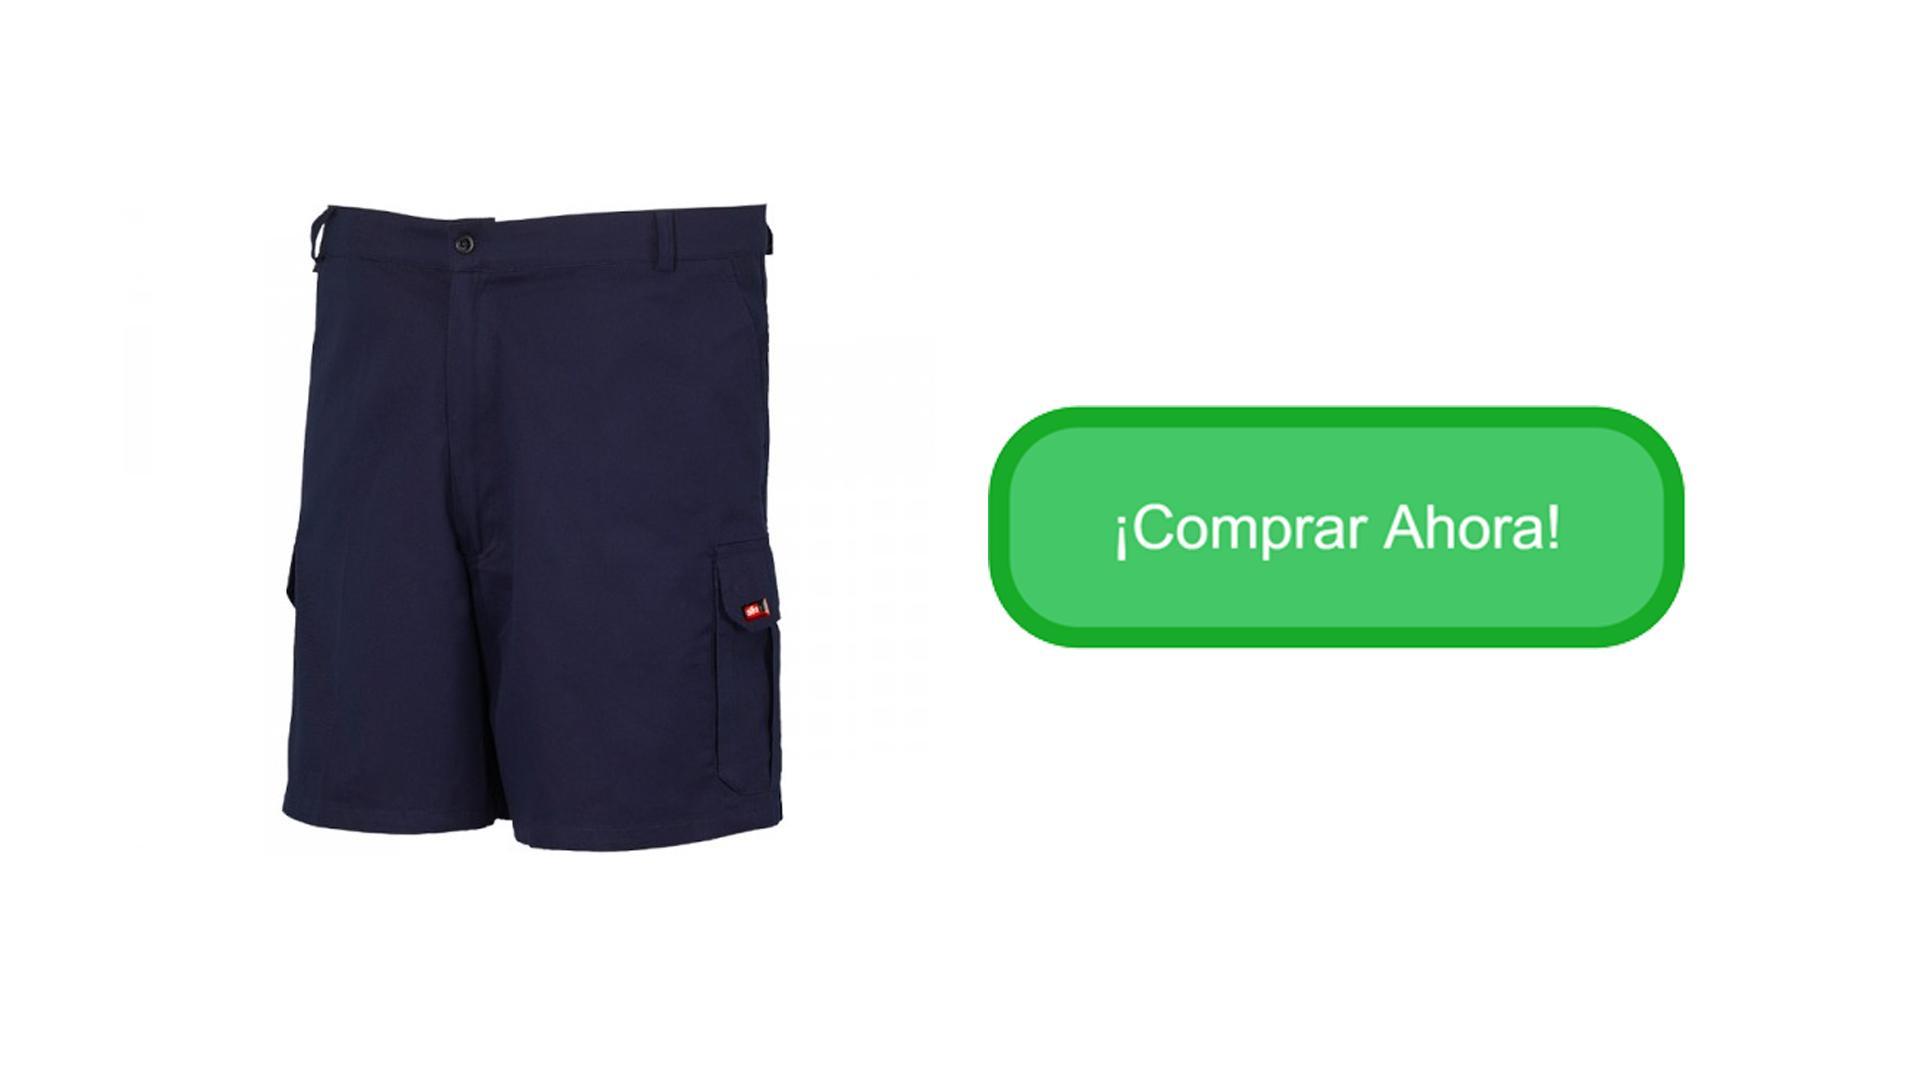 Pantalones Cortos Herraiz - Comprar Ahora dos